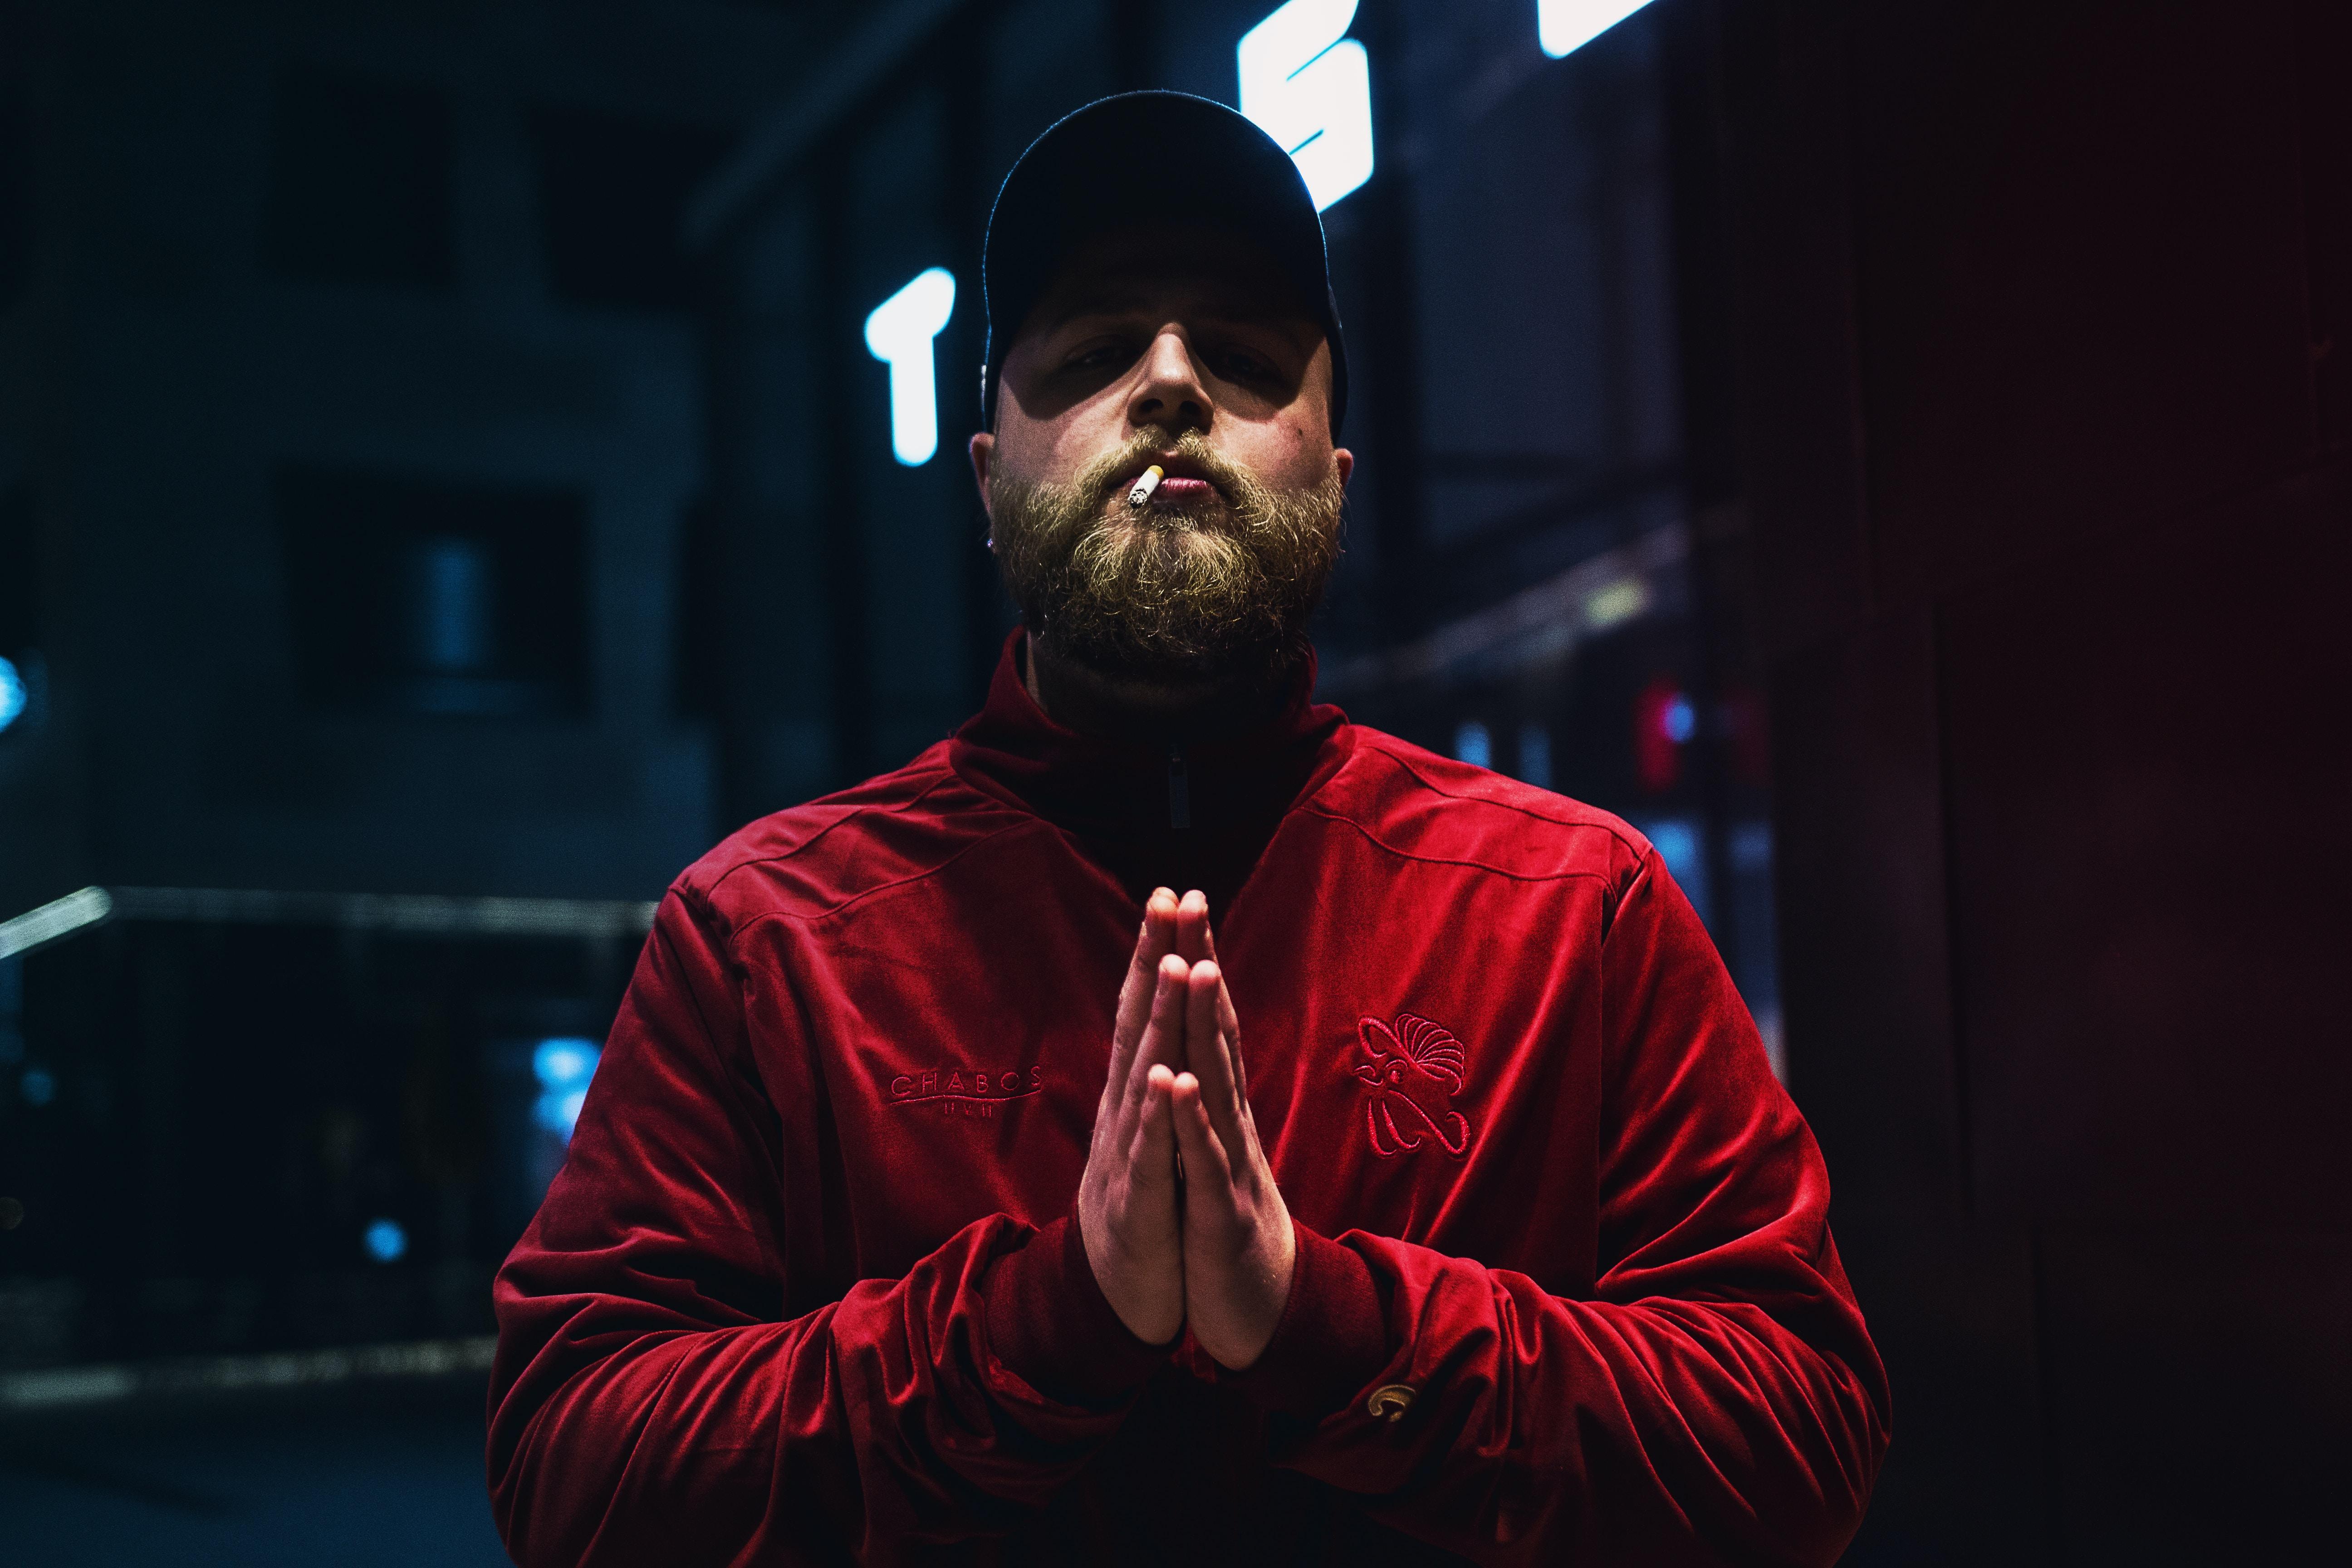 man wearing red sweatshirt